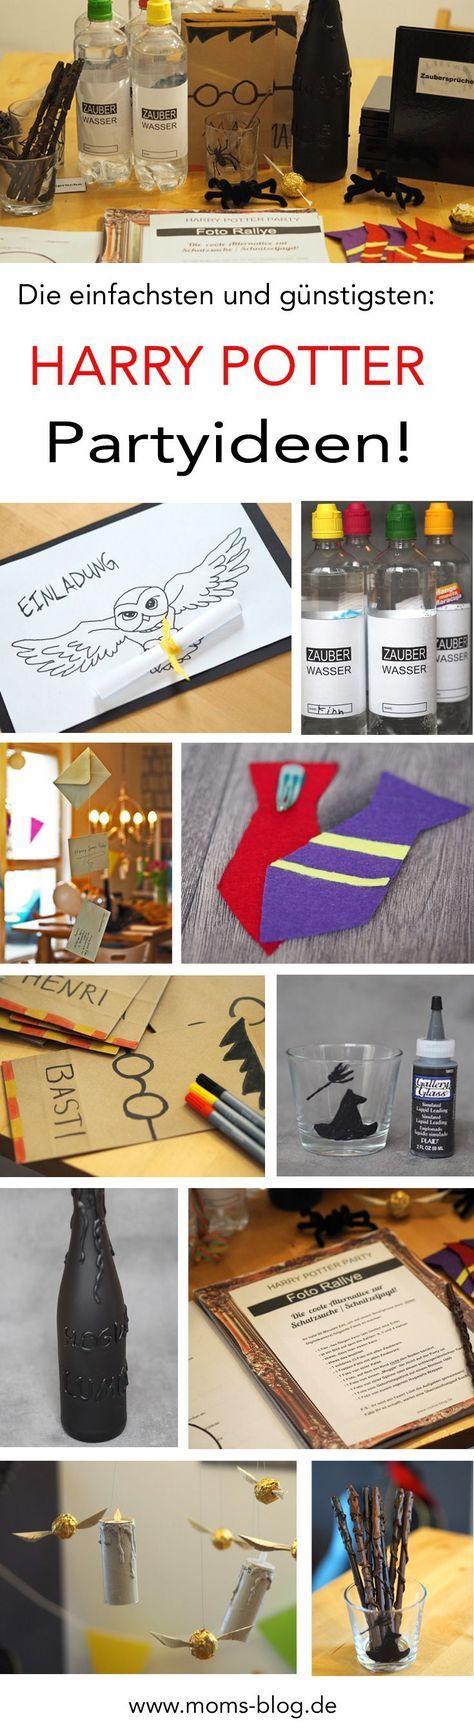 einfache g nstige ideen f r einen harry potter kindergeburtstag geburtstagsfeier pinterest. Black Bedroom Furniture Sets. Home Design Ideas